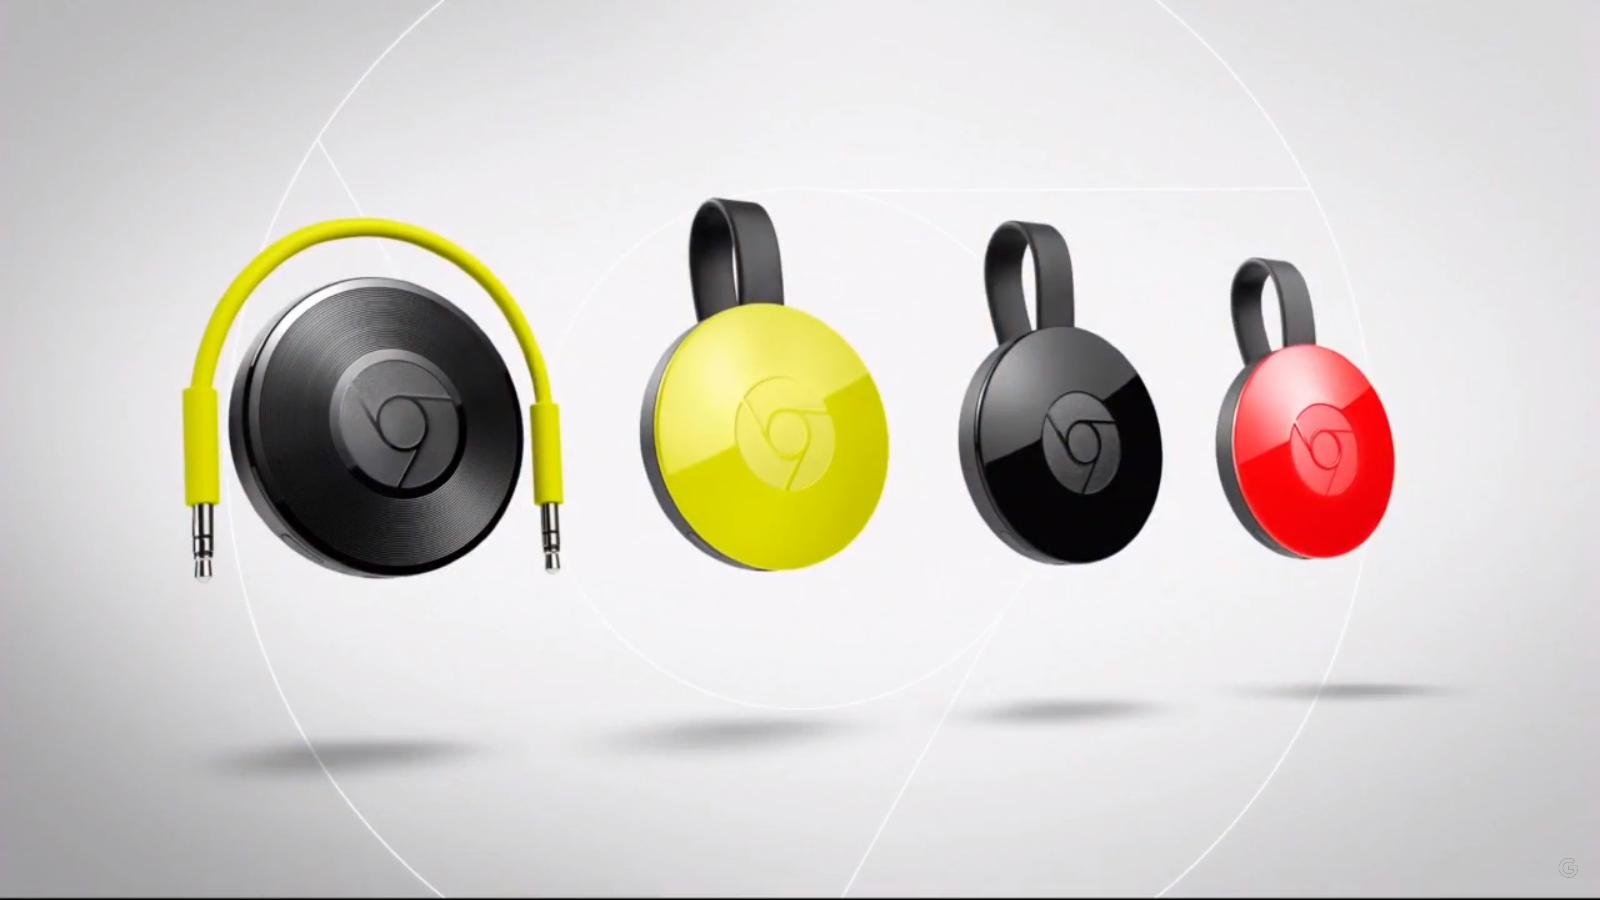 Google: Neuer Chromecast ist rund und kostet 39 Euro - Chromecast Audio und Chromecast (2015) (Screenshot Golem.de)